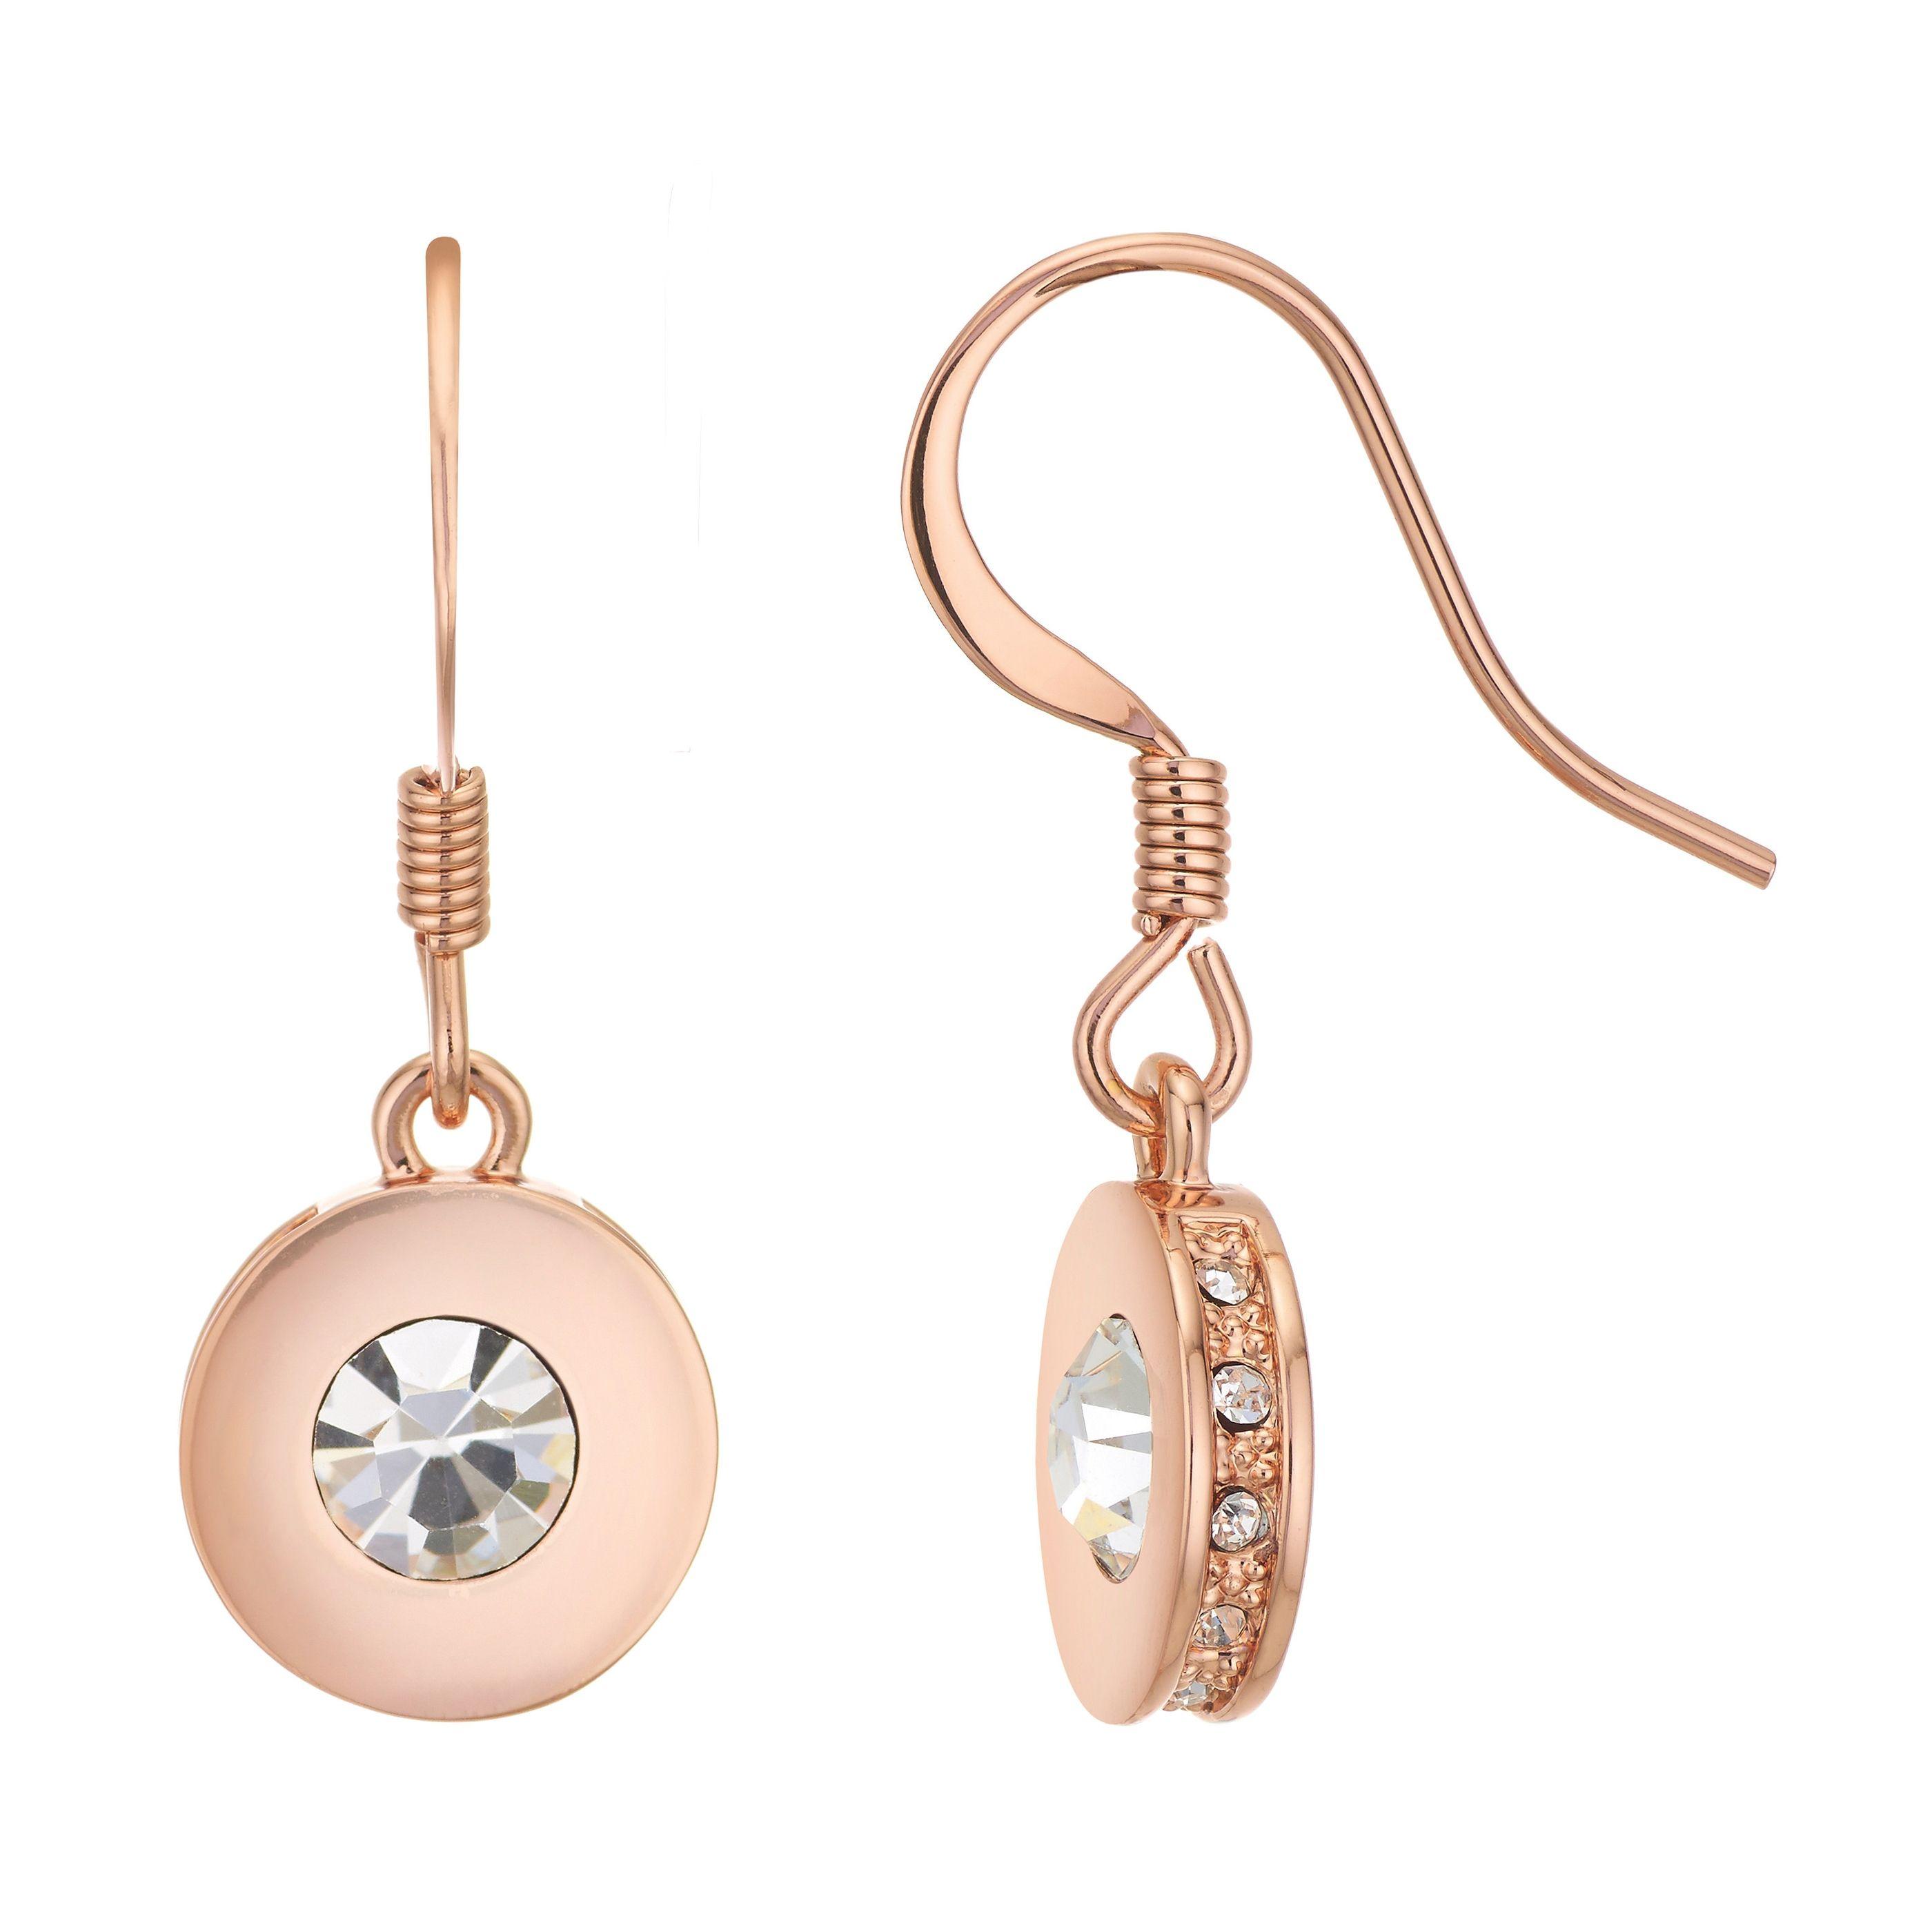 Buckley London Knightley Drop Earrings